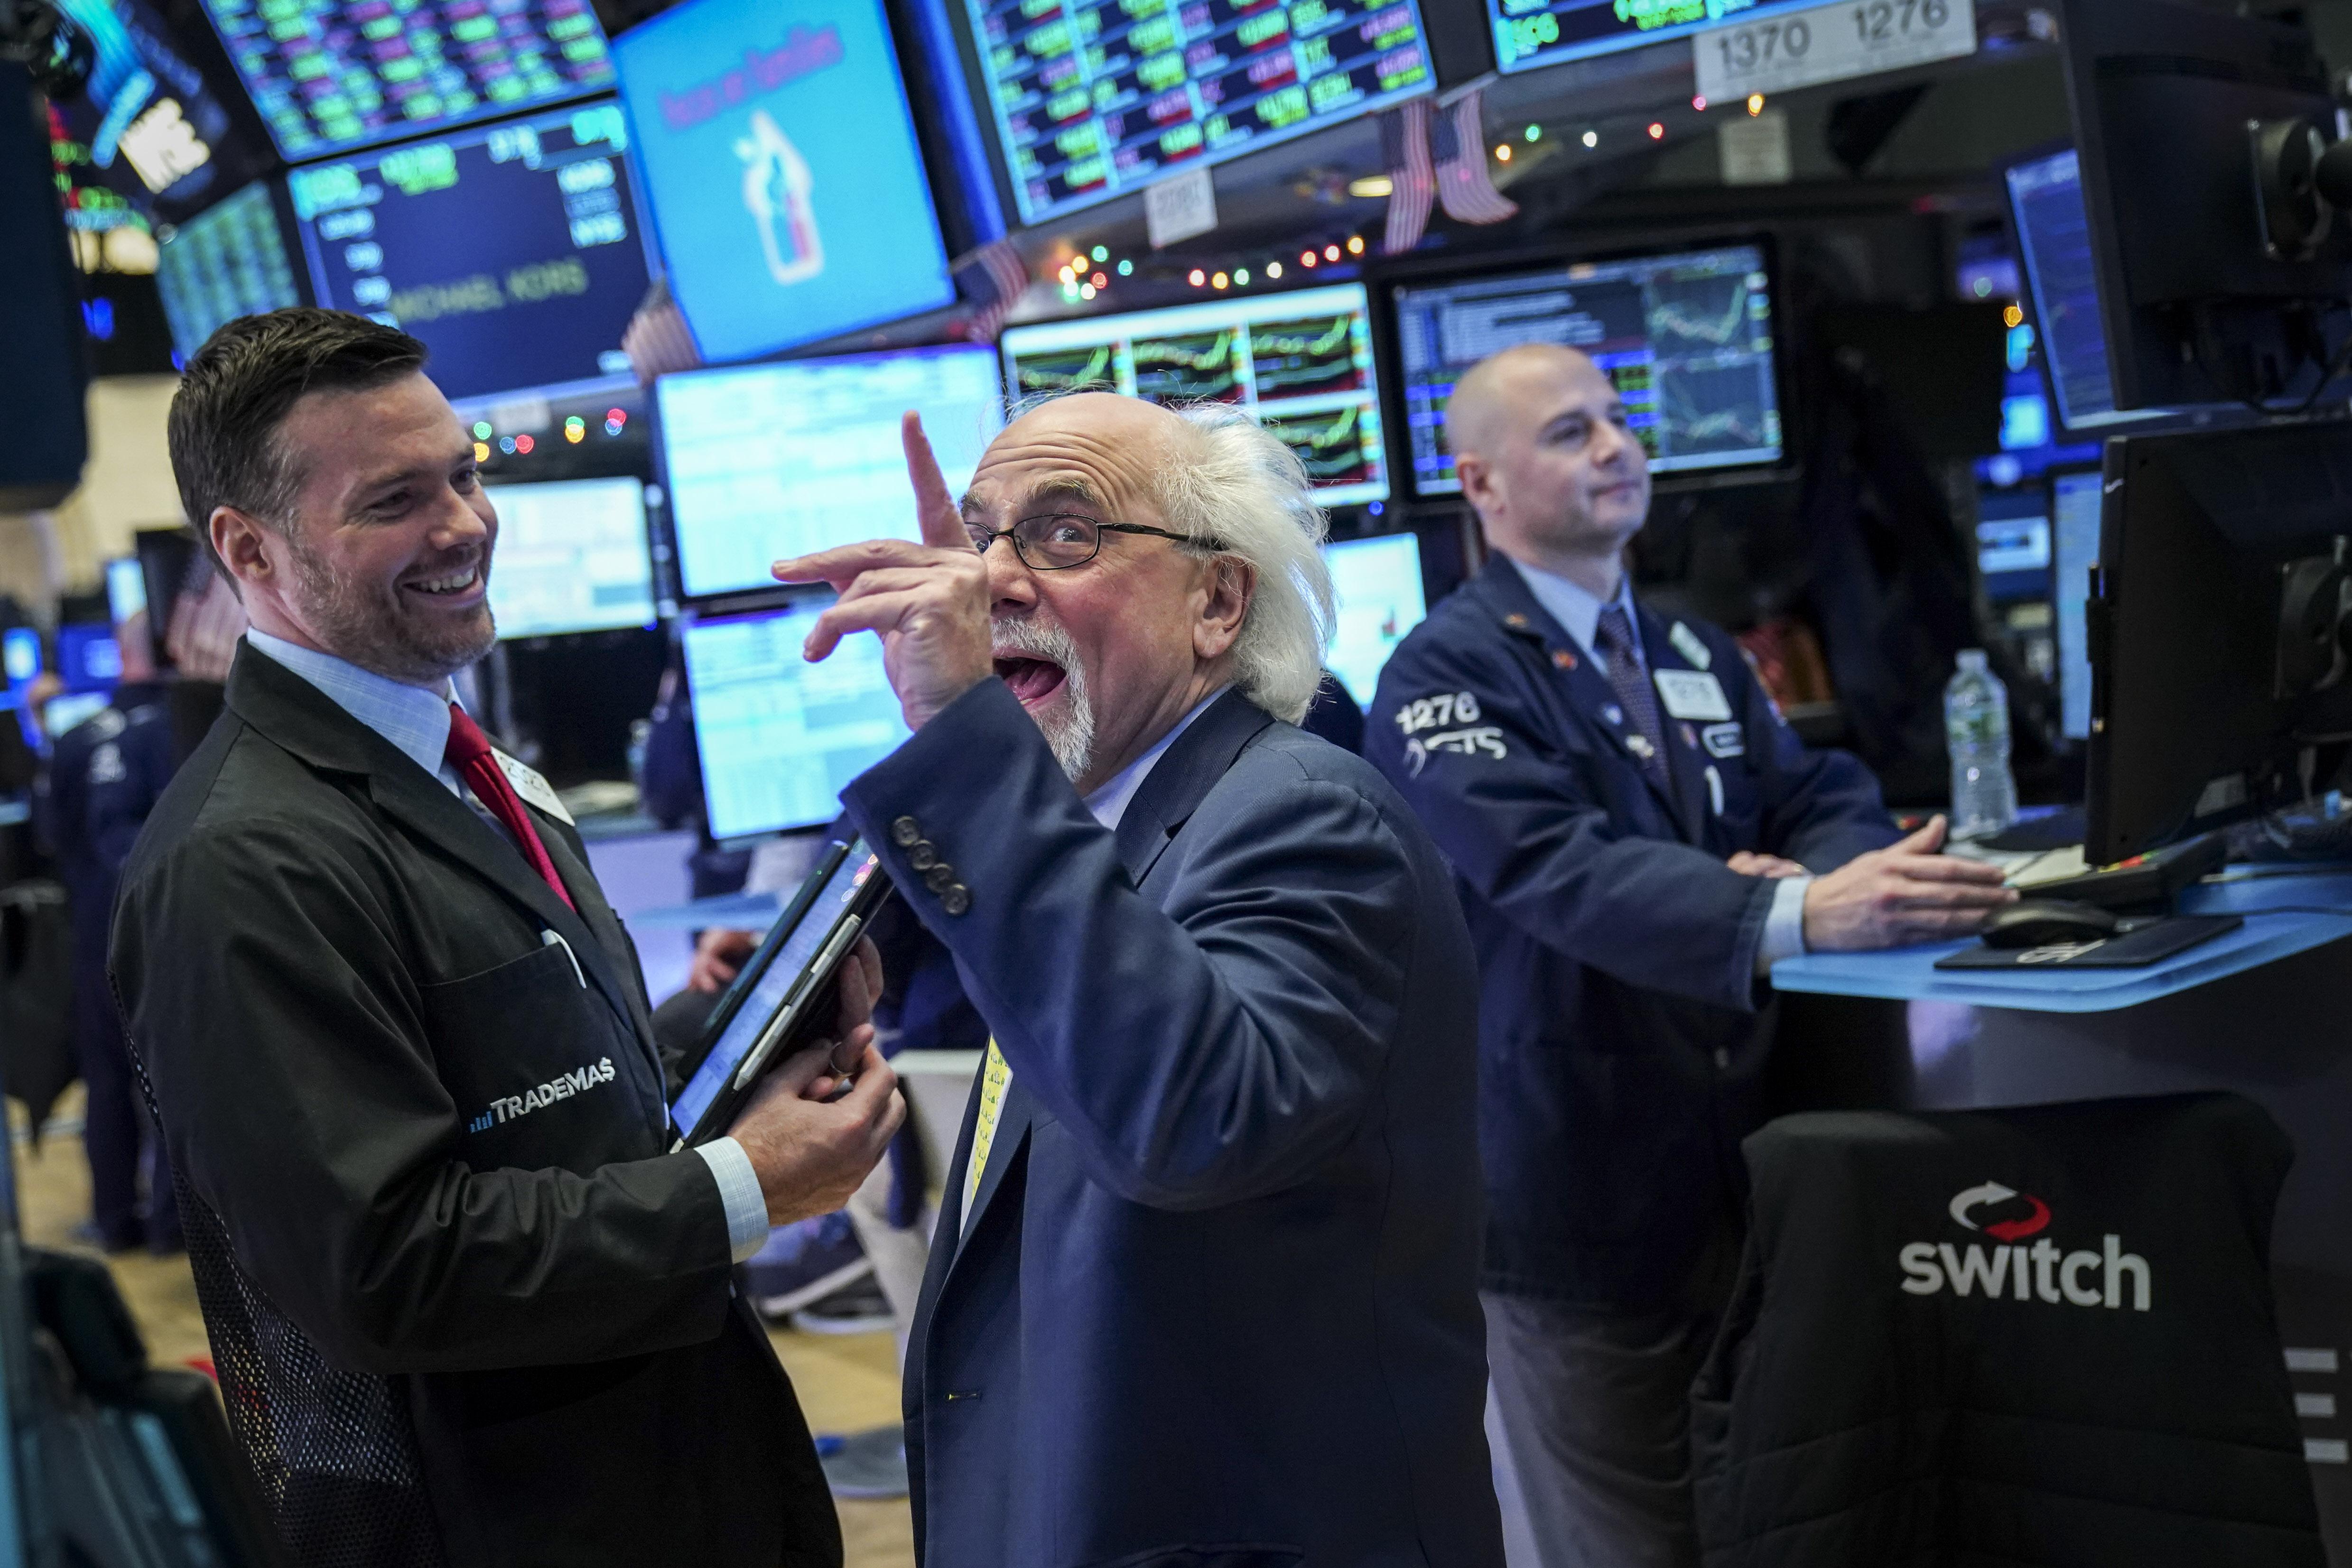 2018最後交易日美股微漲 投資者如何看2019